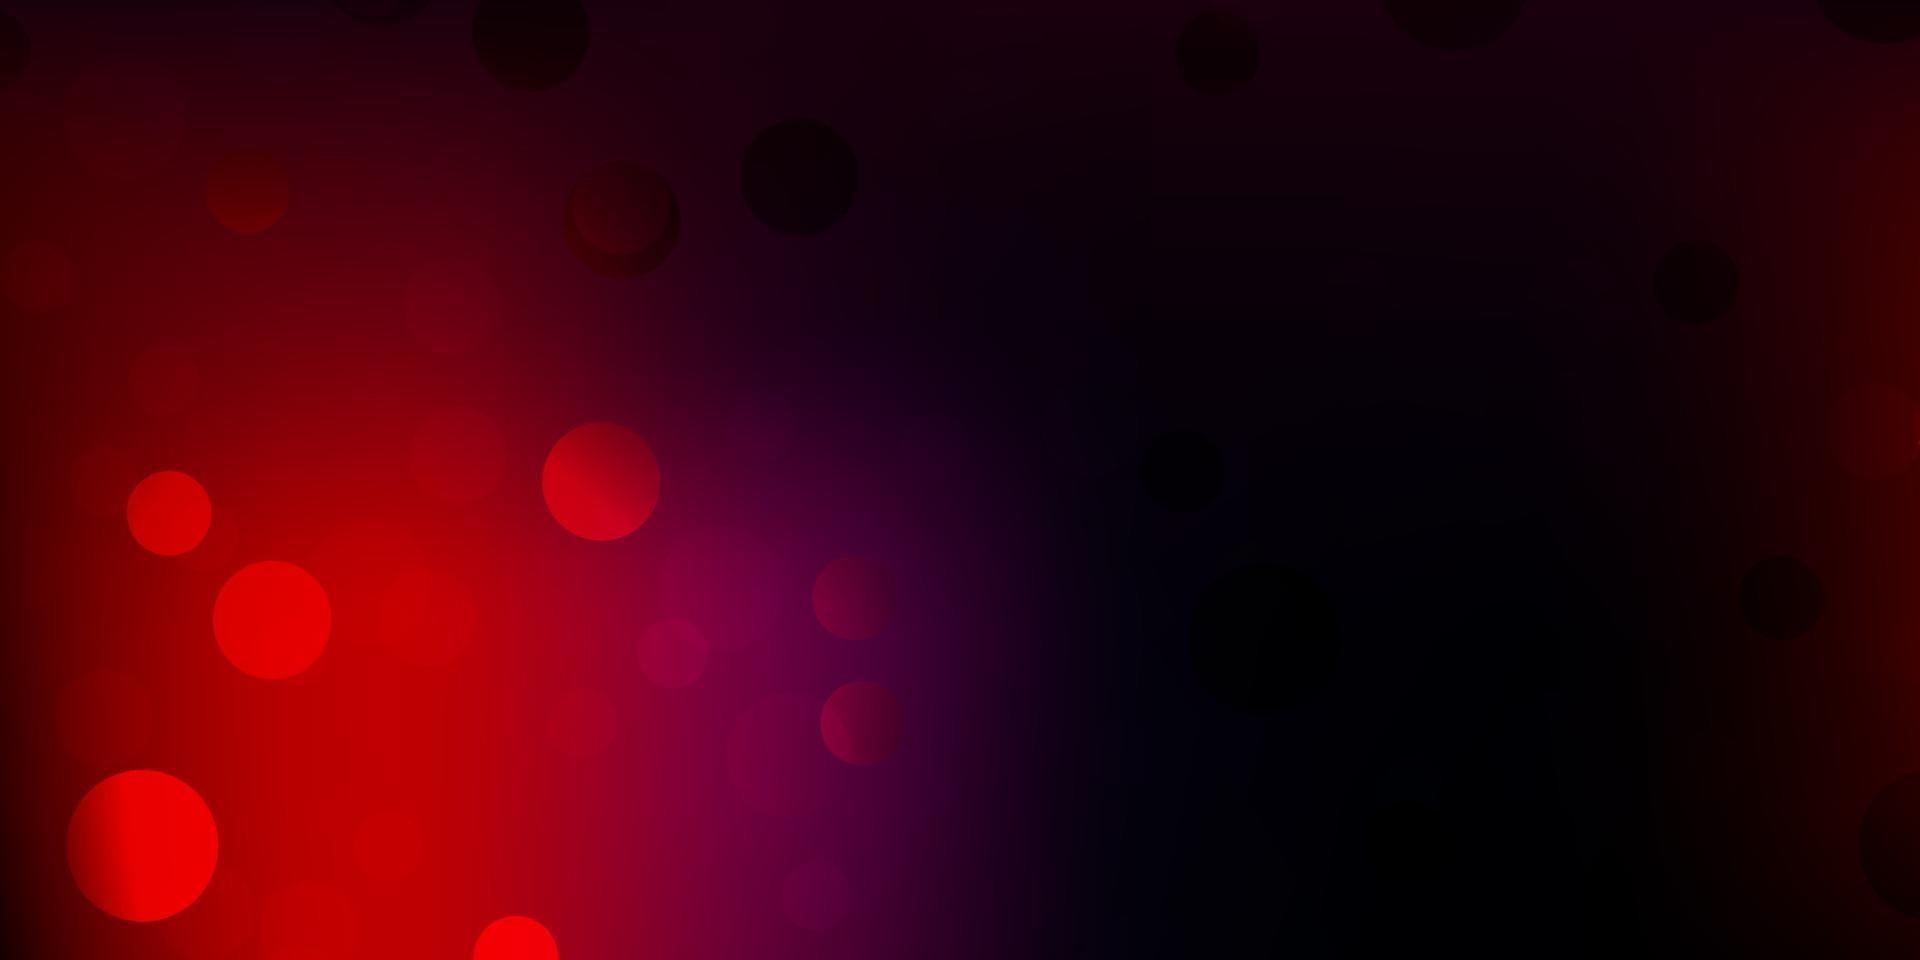 mörkblå, röd vektormall med abstrakta former. vektor